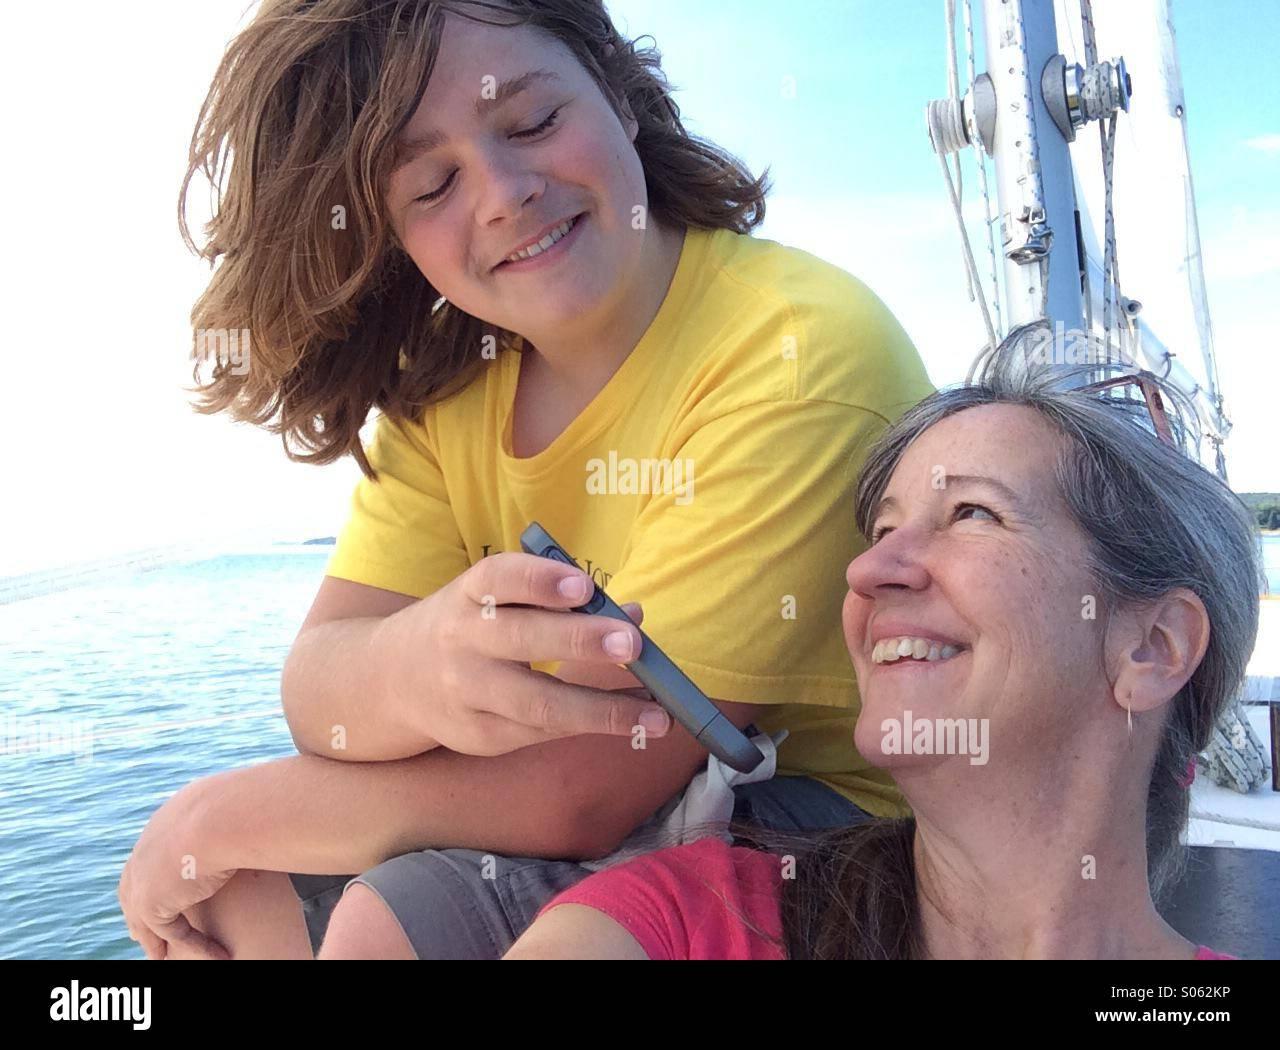 Teen mom e ascolto di iphone su barca Immagini Stock